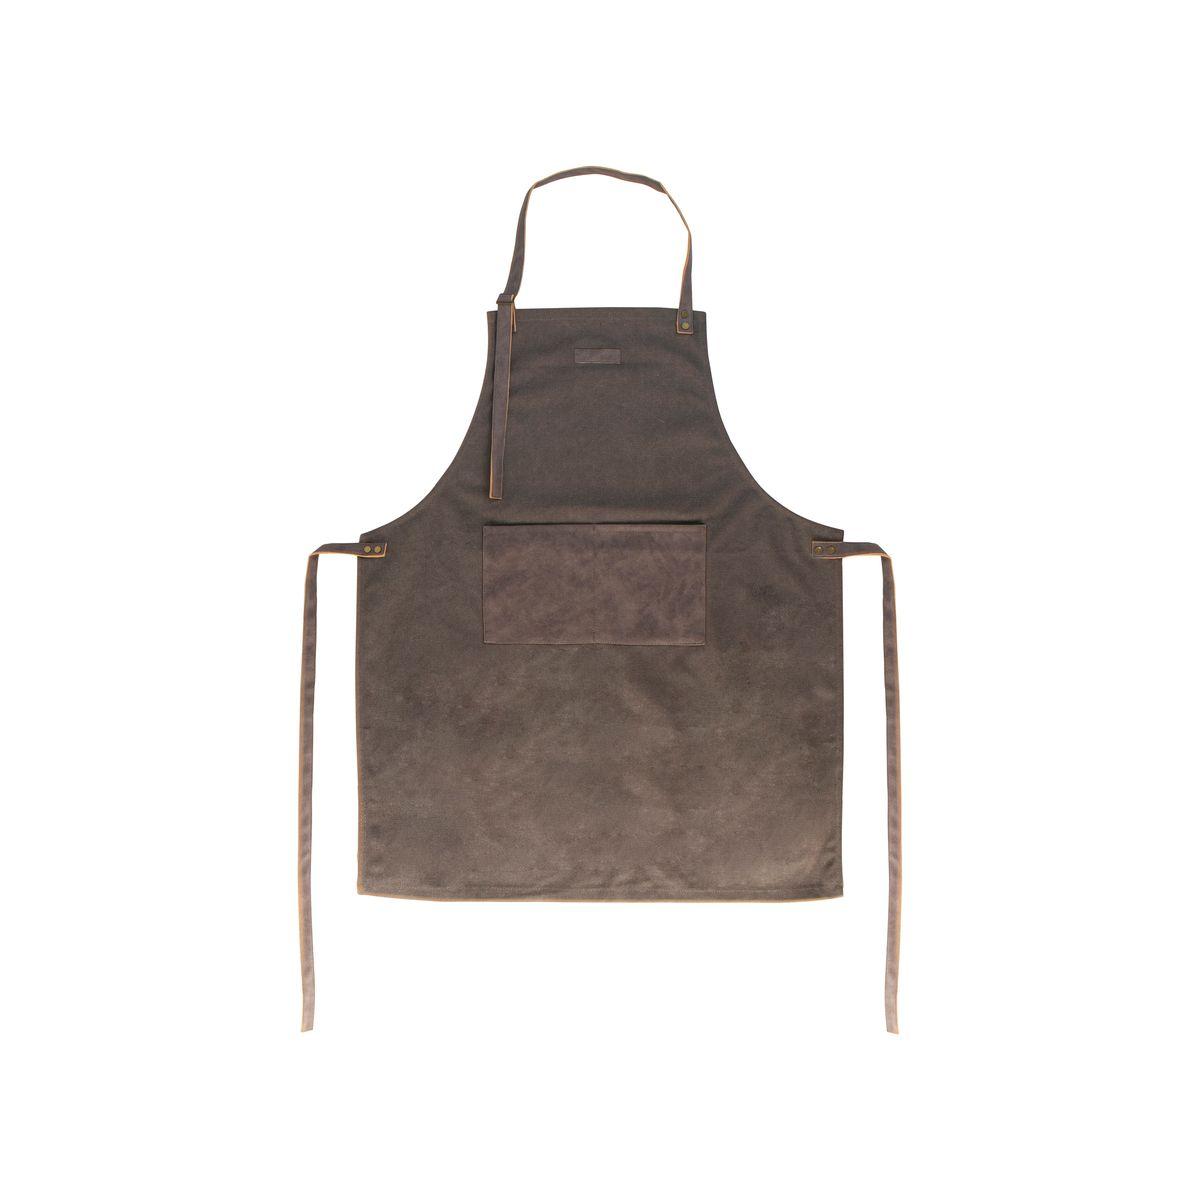 Tablier en toile 80x66.5cm marron - Gusta